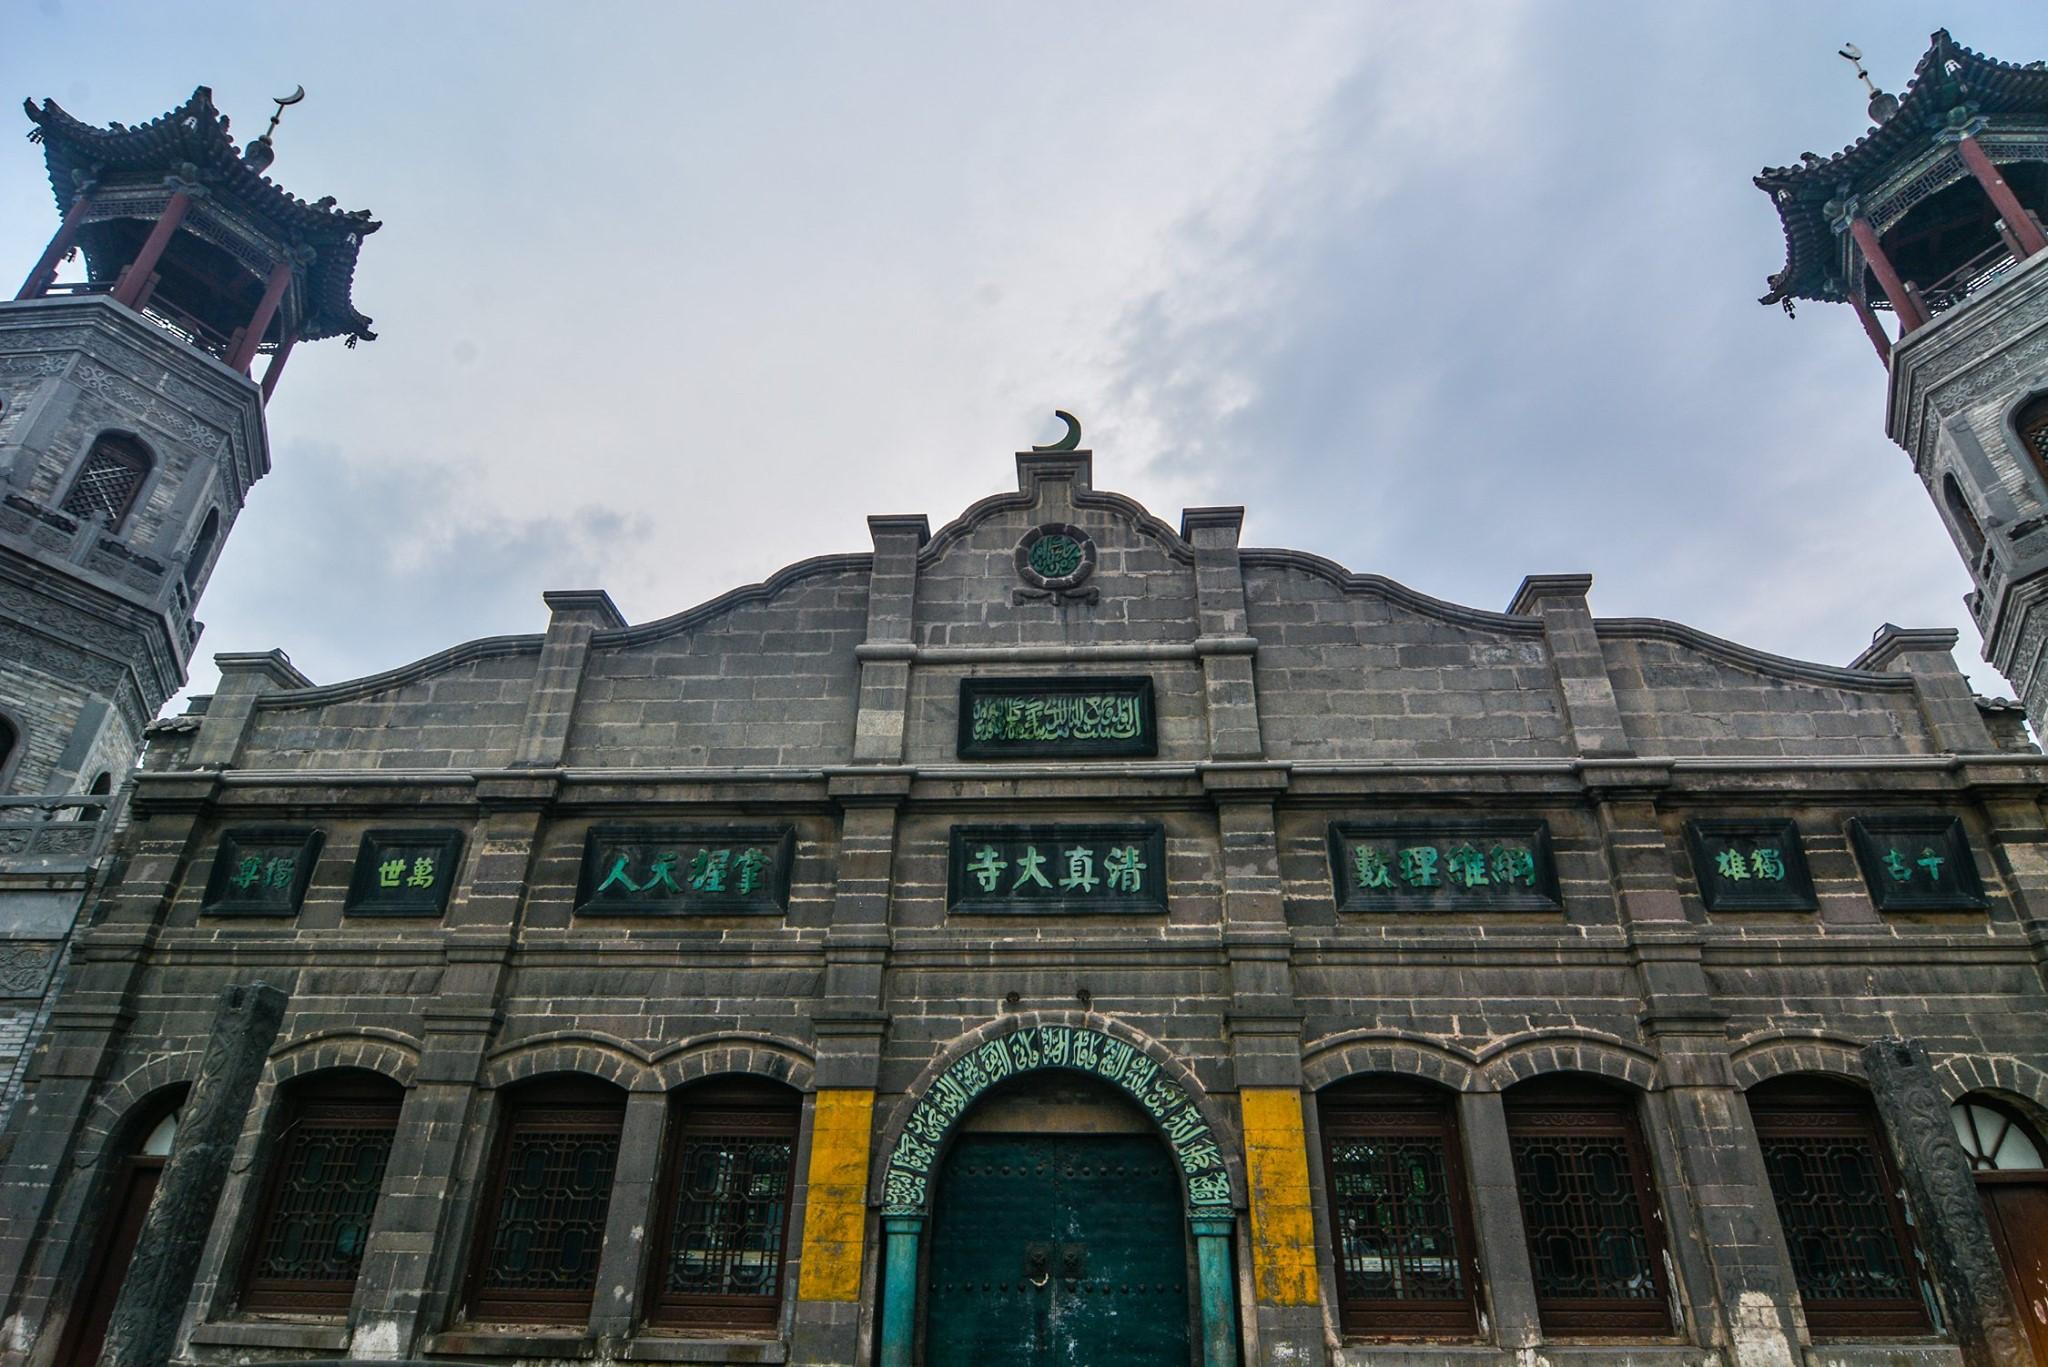 مسجد داتونغ بمقاطعة شانشي